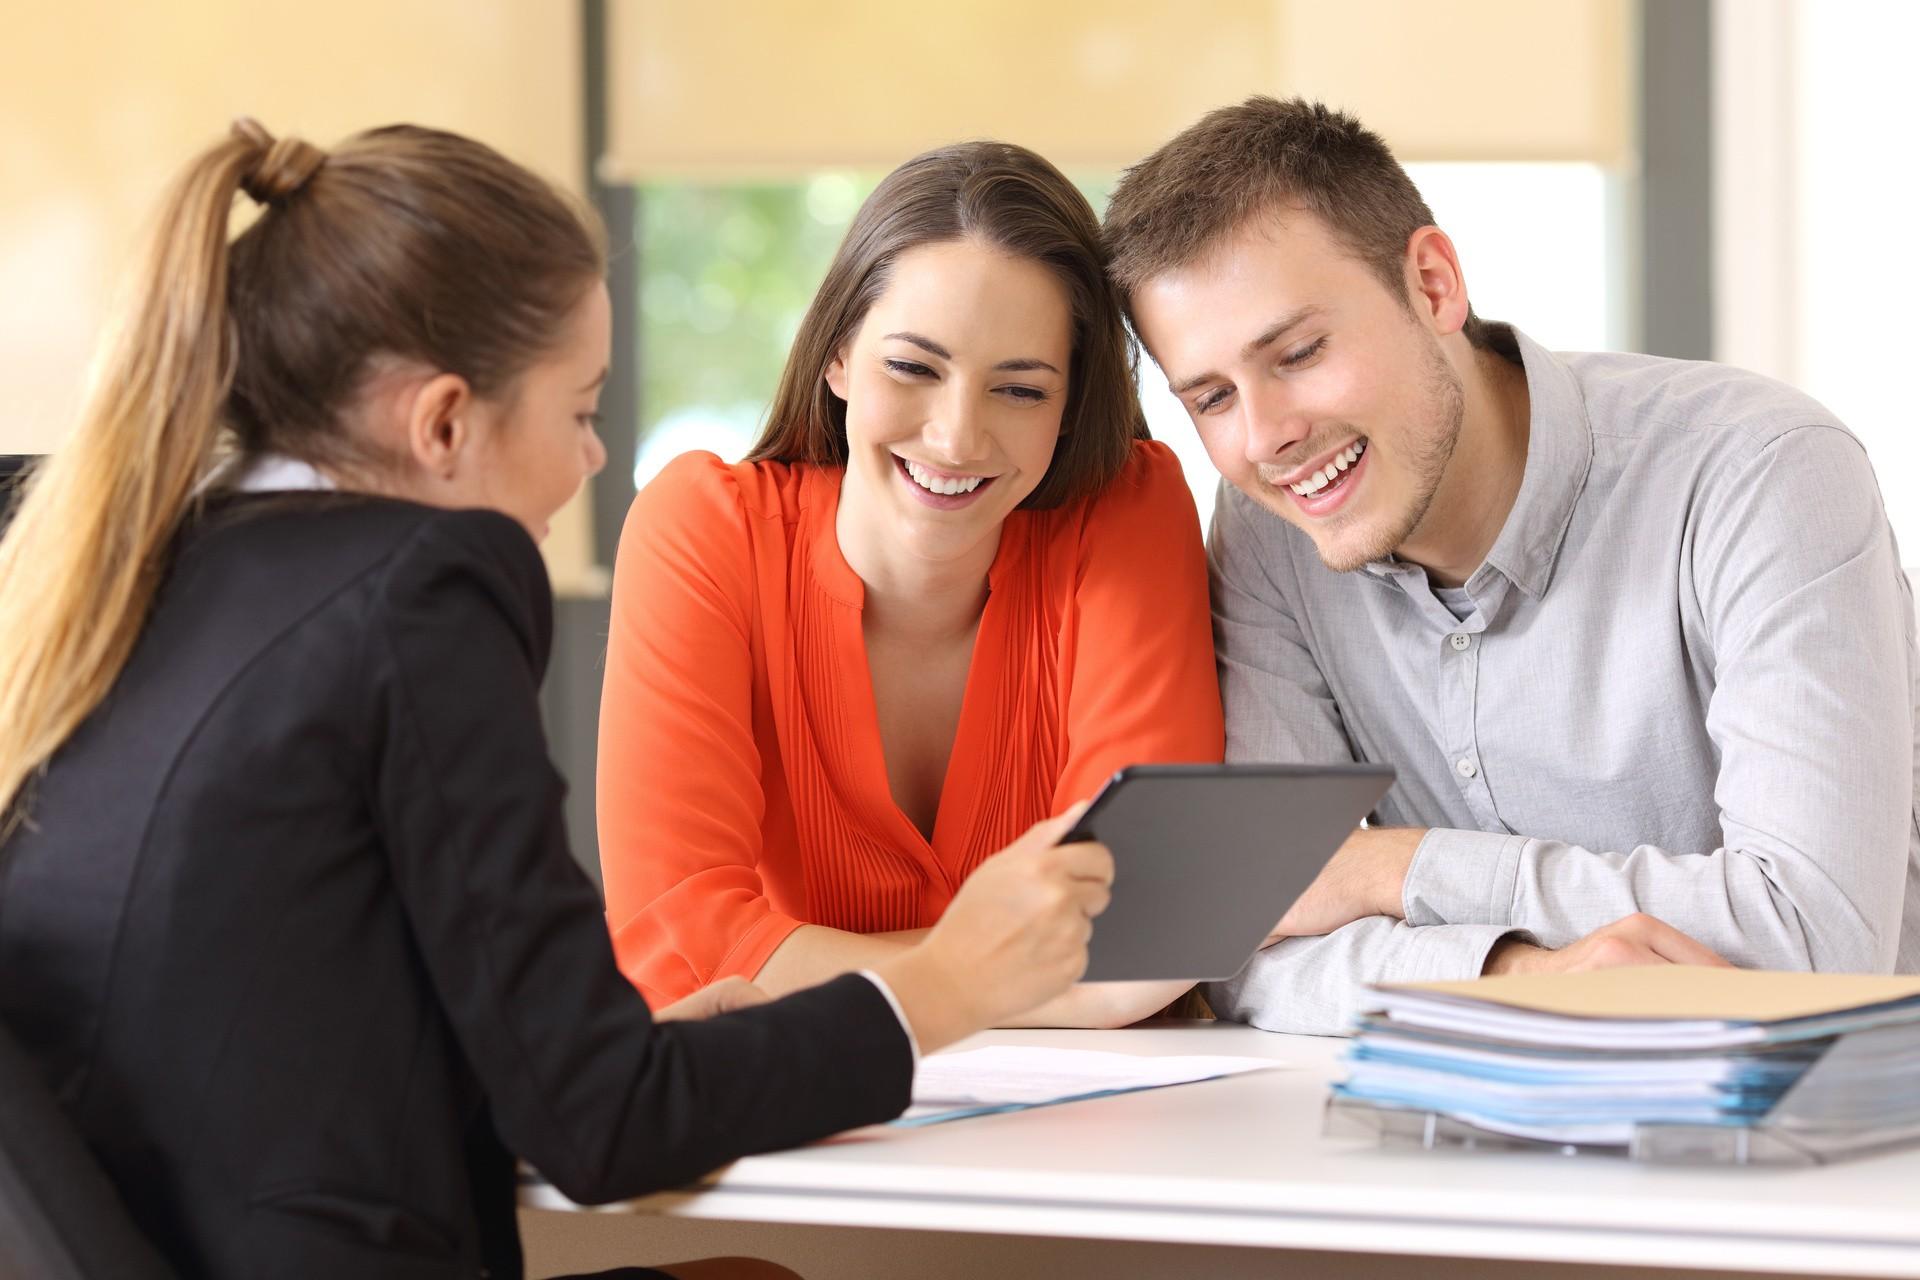 Profesjonalny doradca pomoże dopasować zakres ubezpieczenia do rzeczywistych potrzeb